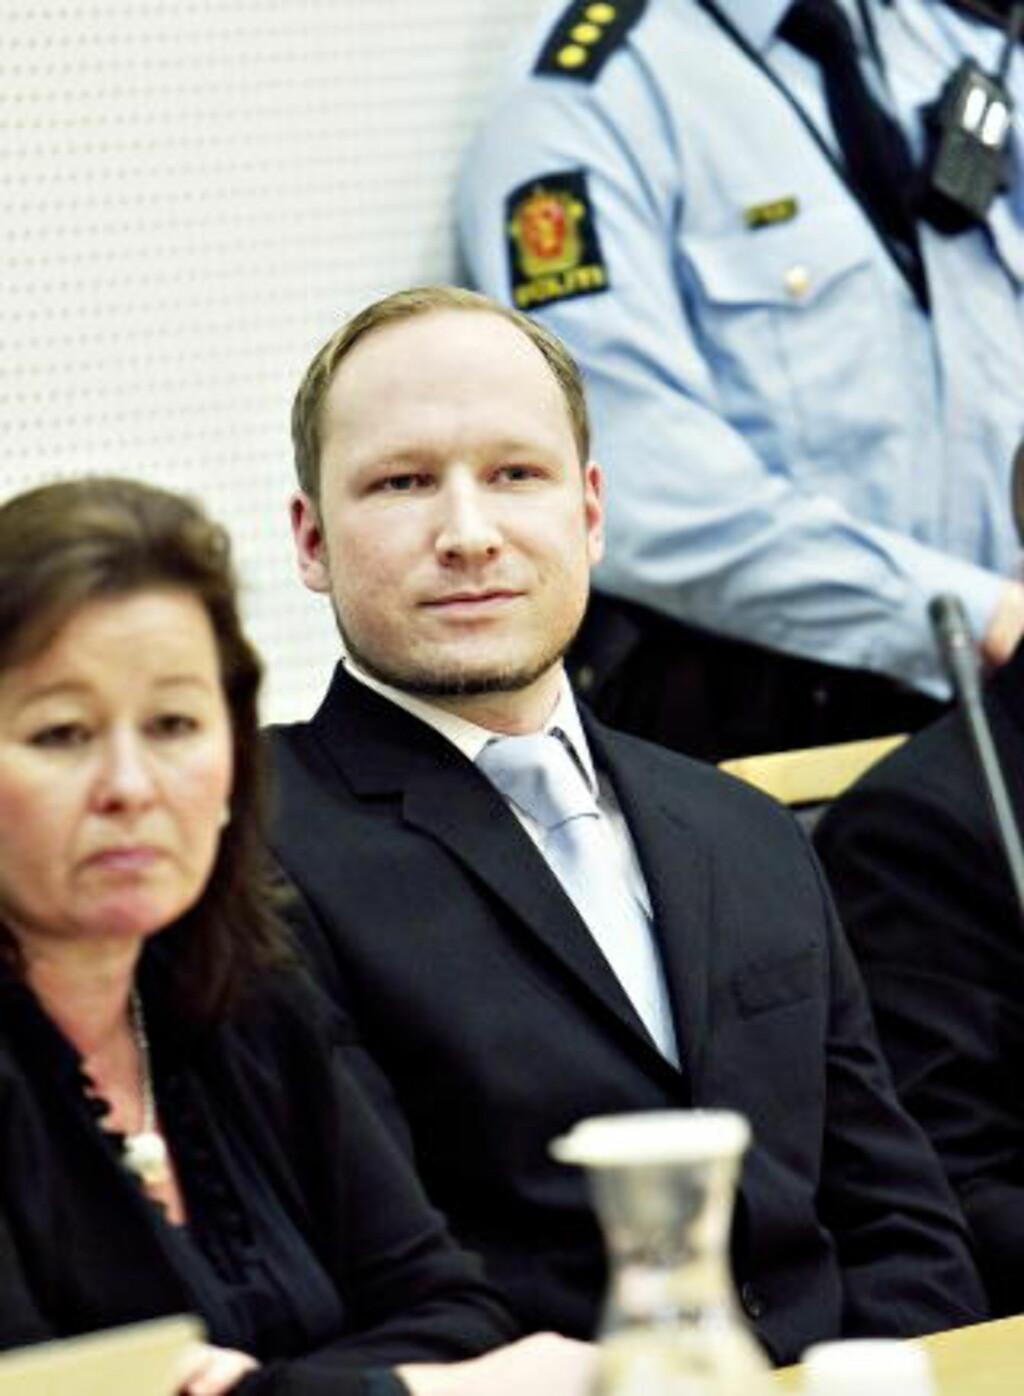 VIL IKKE KOMMENTERE: Forsvarer Vibeke Hein Bæra, her med Breivik under det siste fengslingsmøtet mot ham. Foto: Nina Hansen / Dagbladet